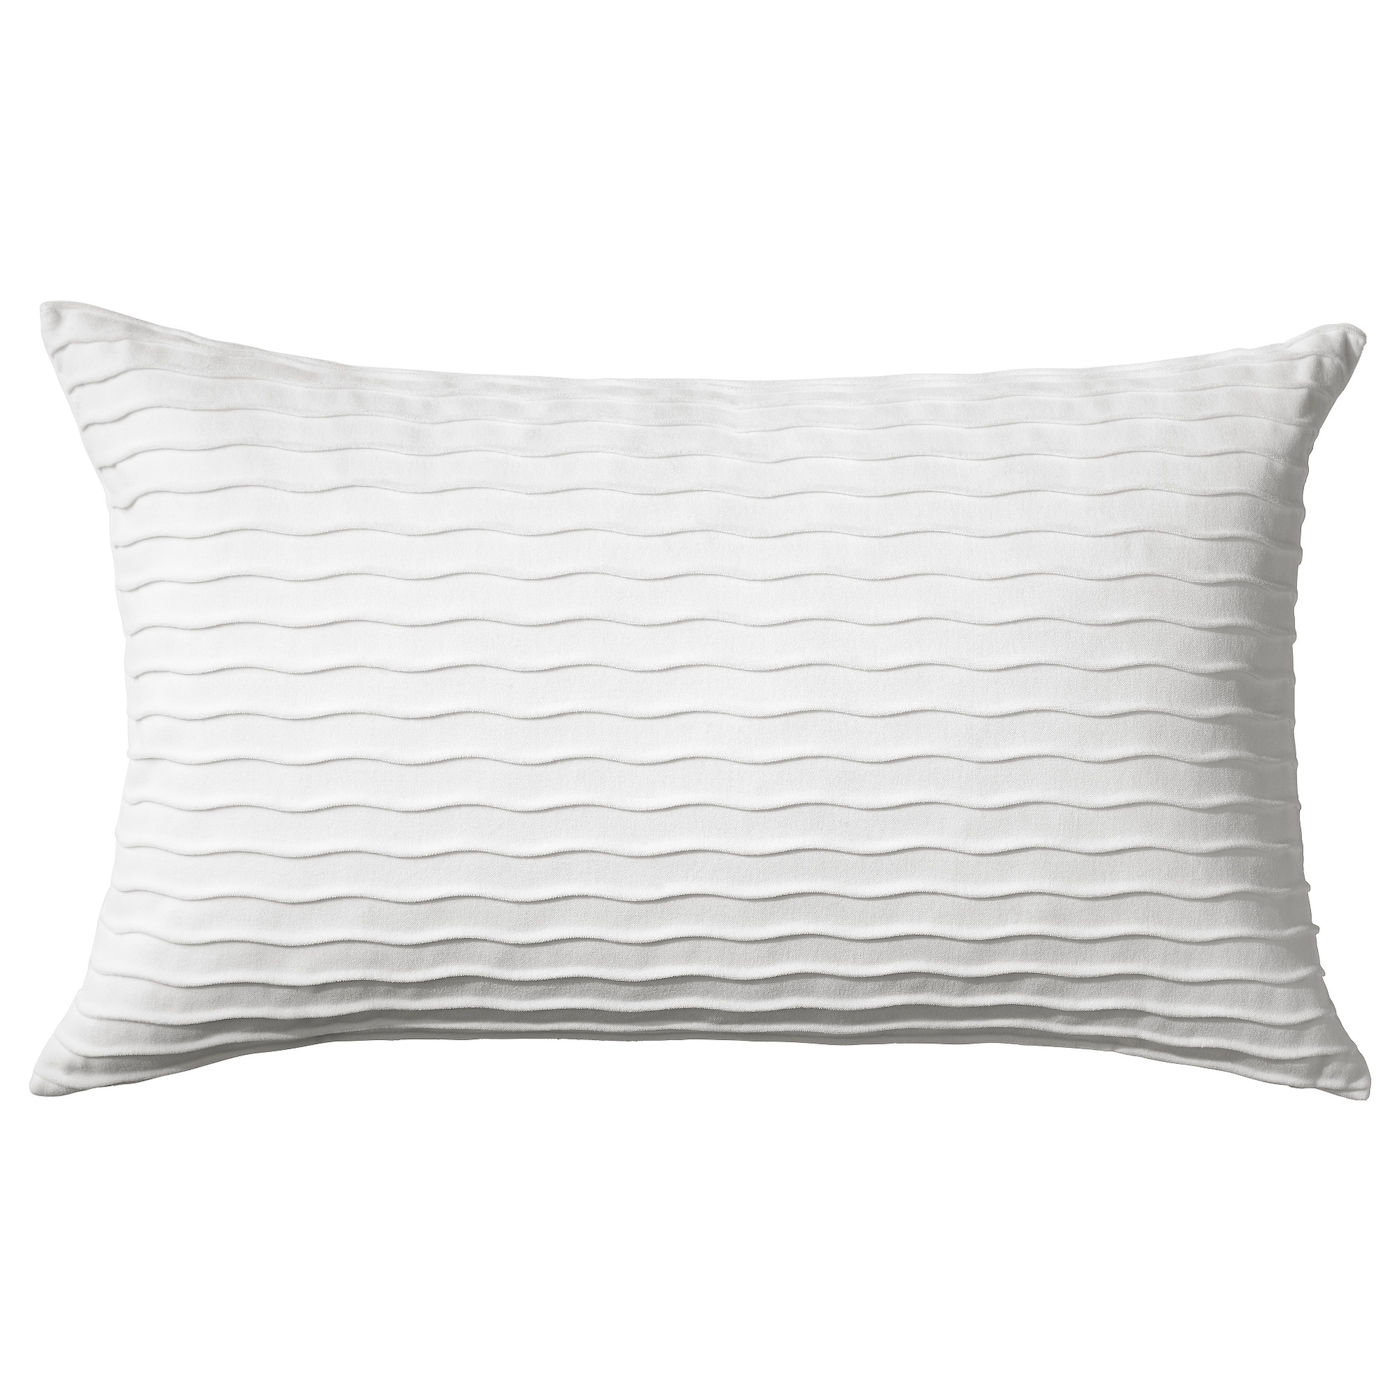 lung rt housse de coussin gris blanc 50x50 cm ikea. Black Bedroom Furniture Sets. Home Design Ideas